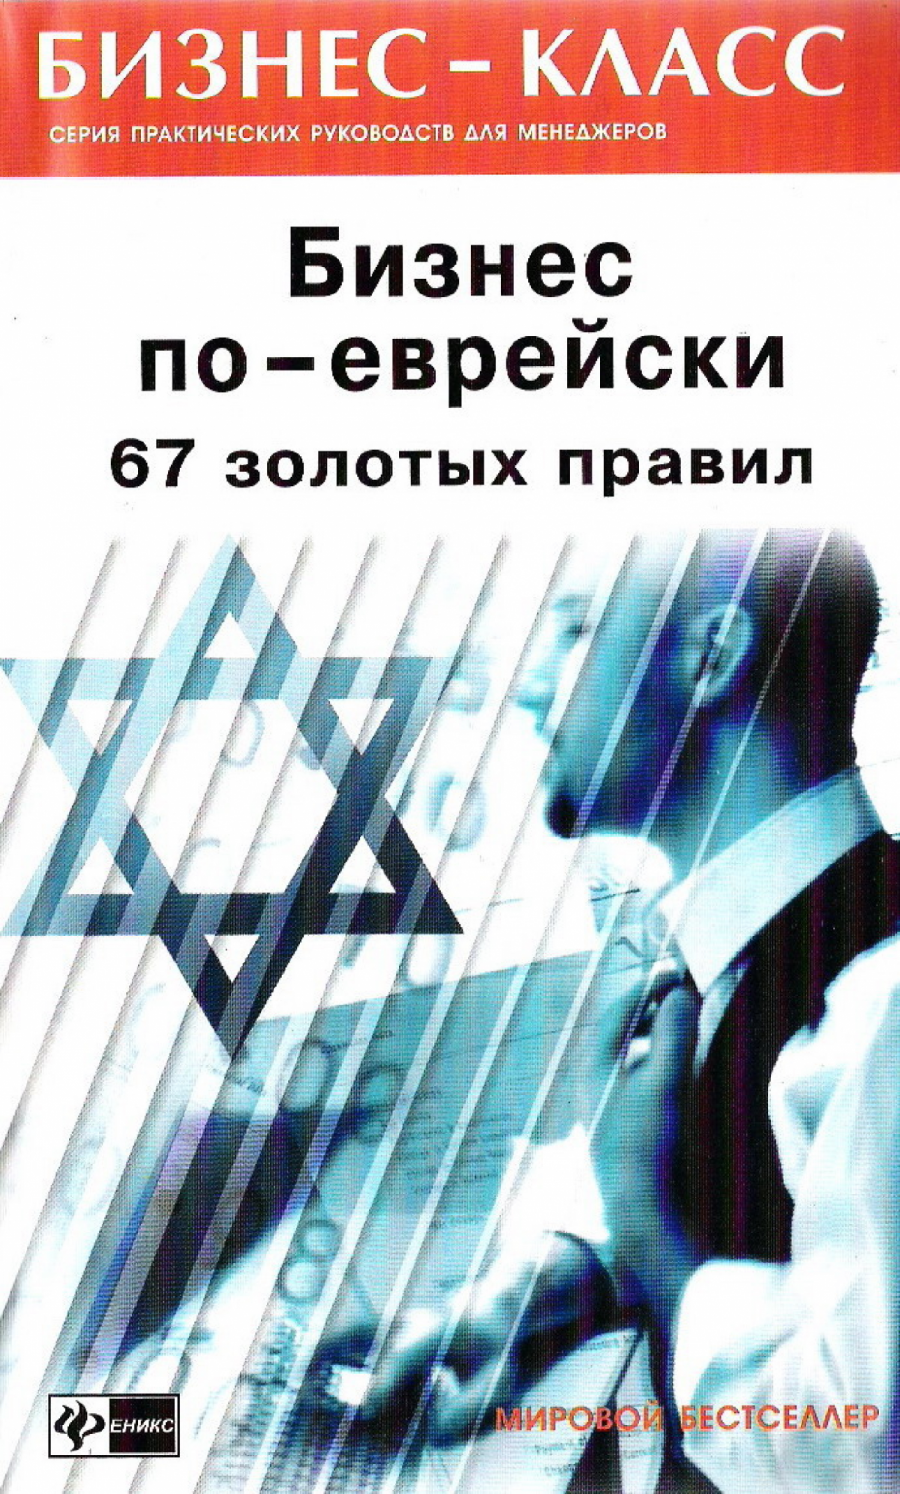 Обложка книги:  бизнес-класс - абрамович м.л. - бизнес по-еврейски. 67 золотых правил